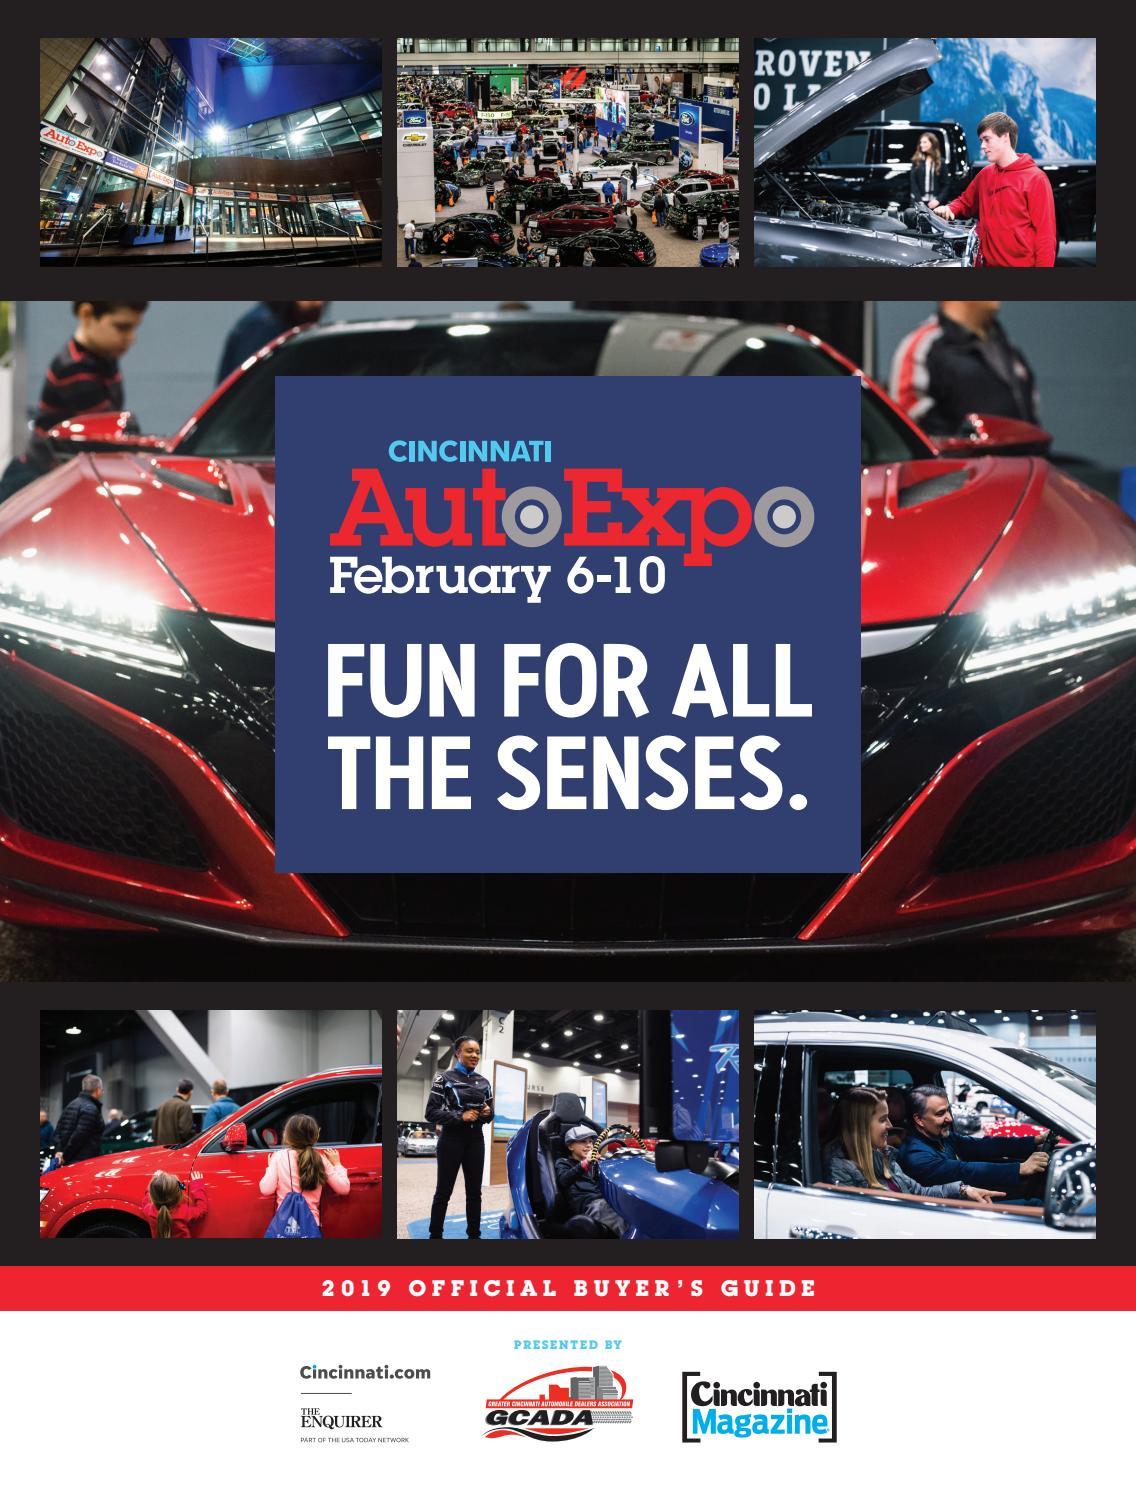 0d89238a83 Cincinnati Auto Expo 2019 by Cincinnati Magazine - issuu